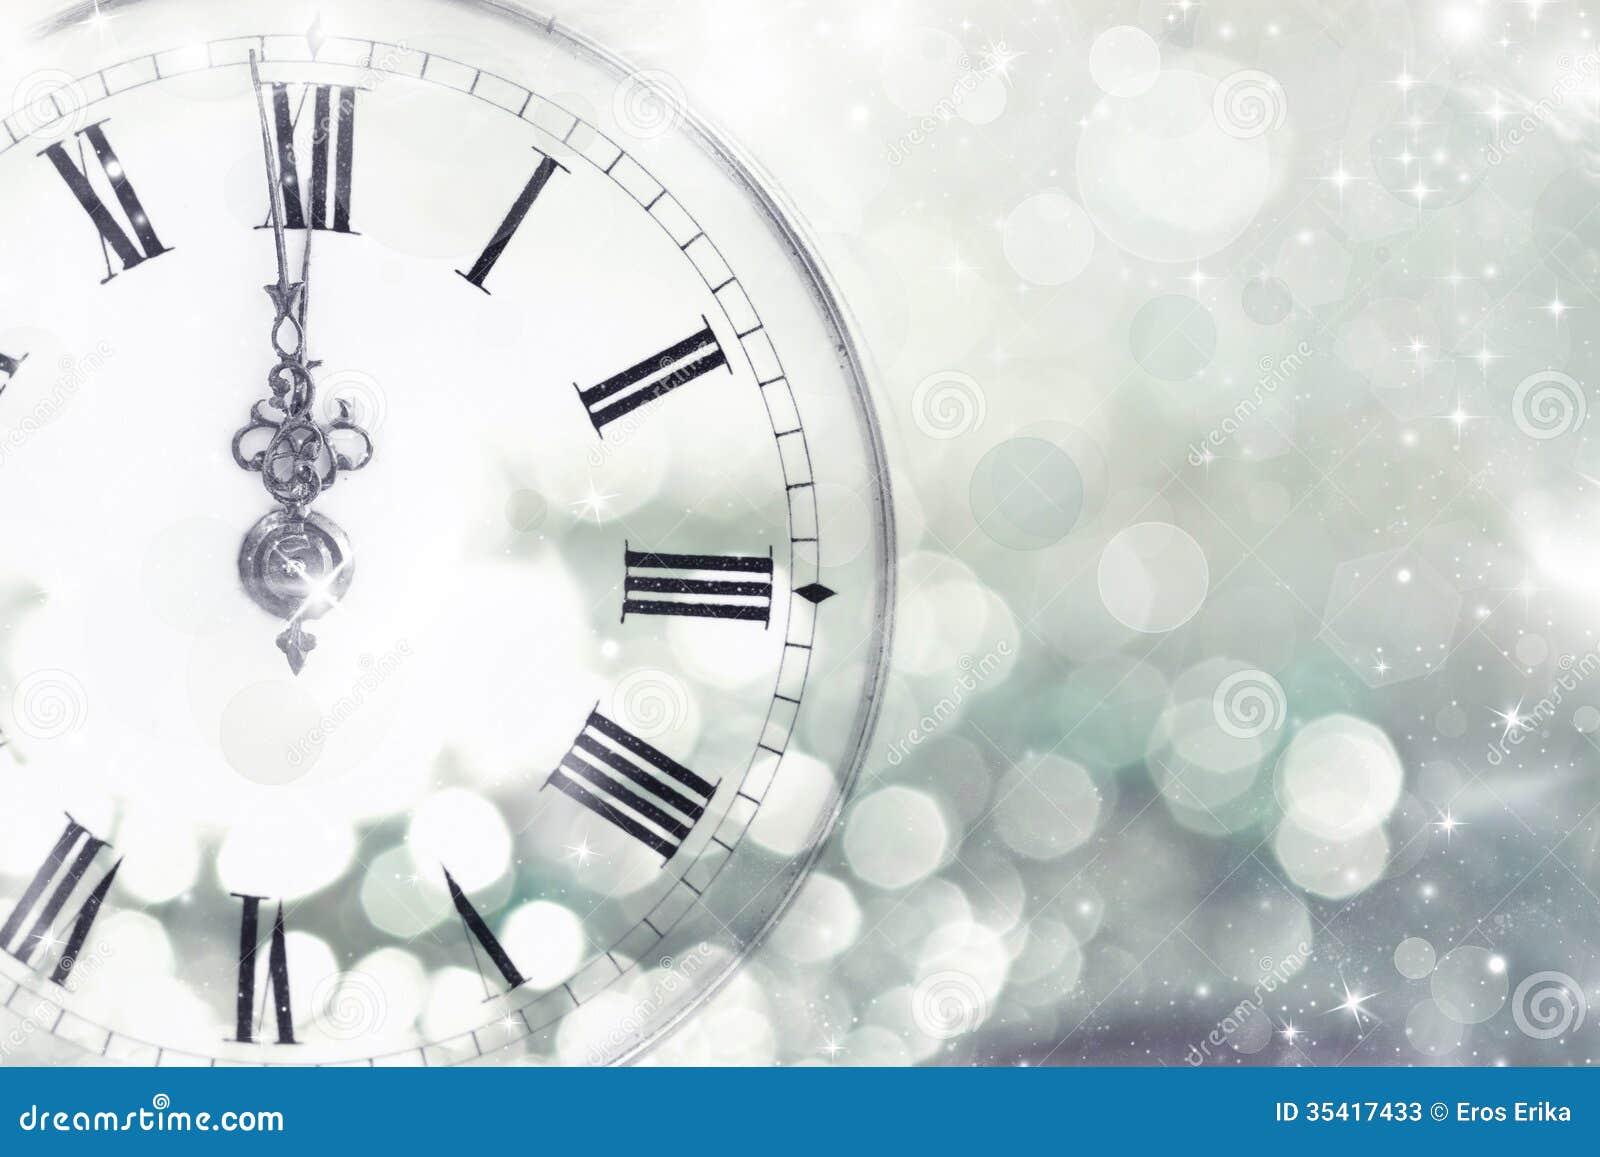 New Years Eve Countdown Clock